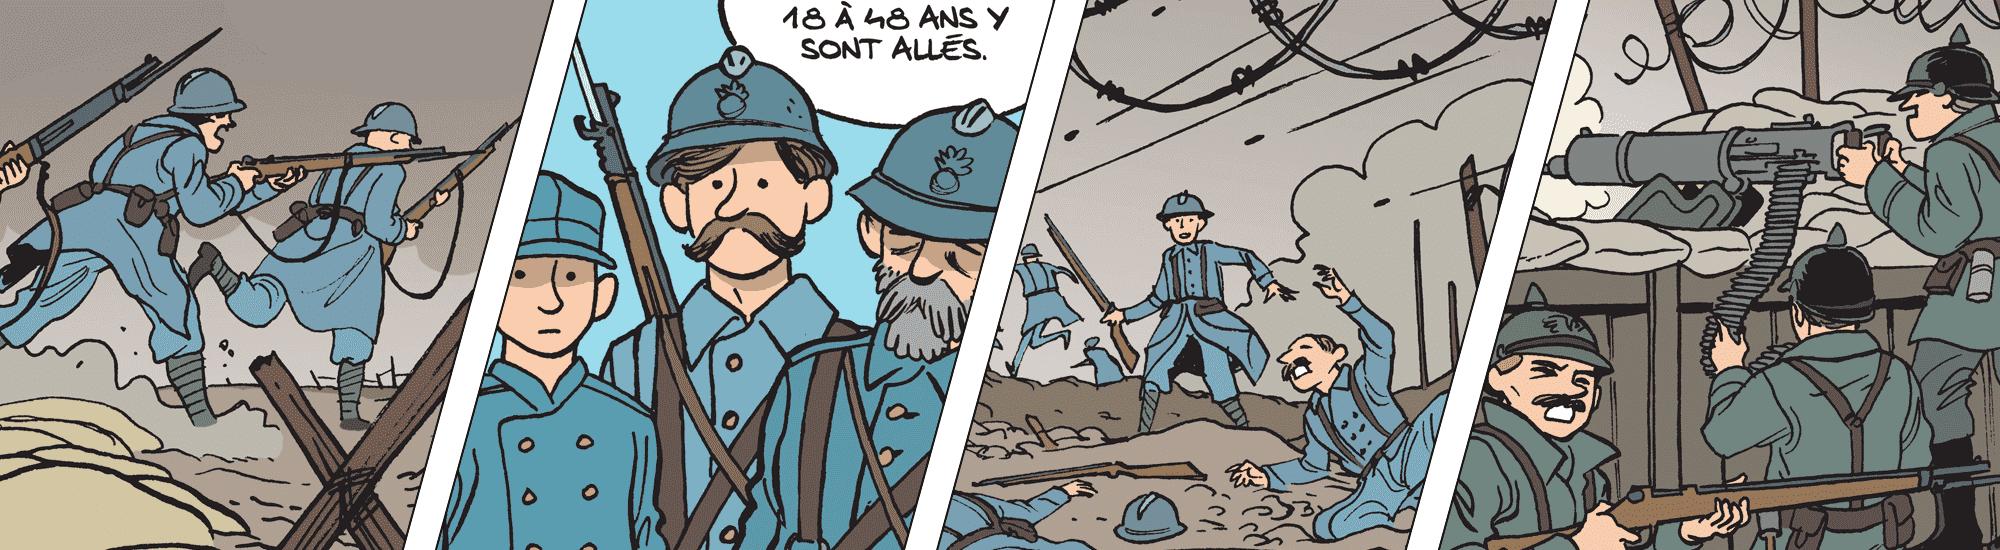 Image Les tranchées, ou l'horreur de la guerre au quotidien class=